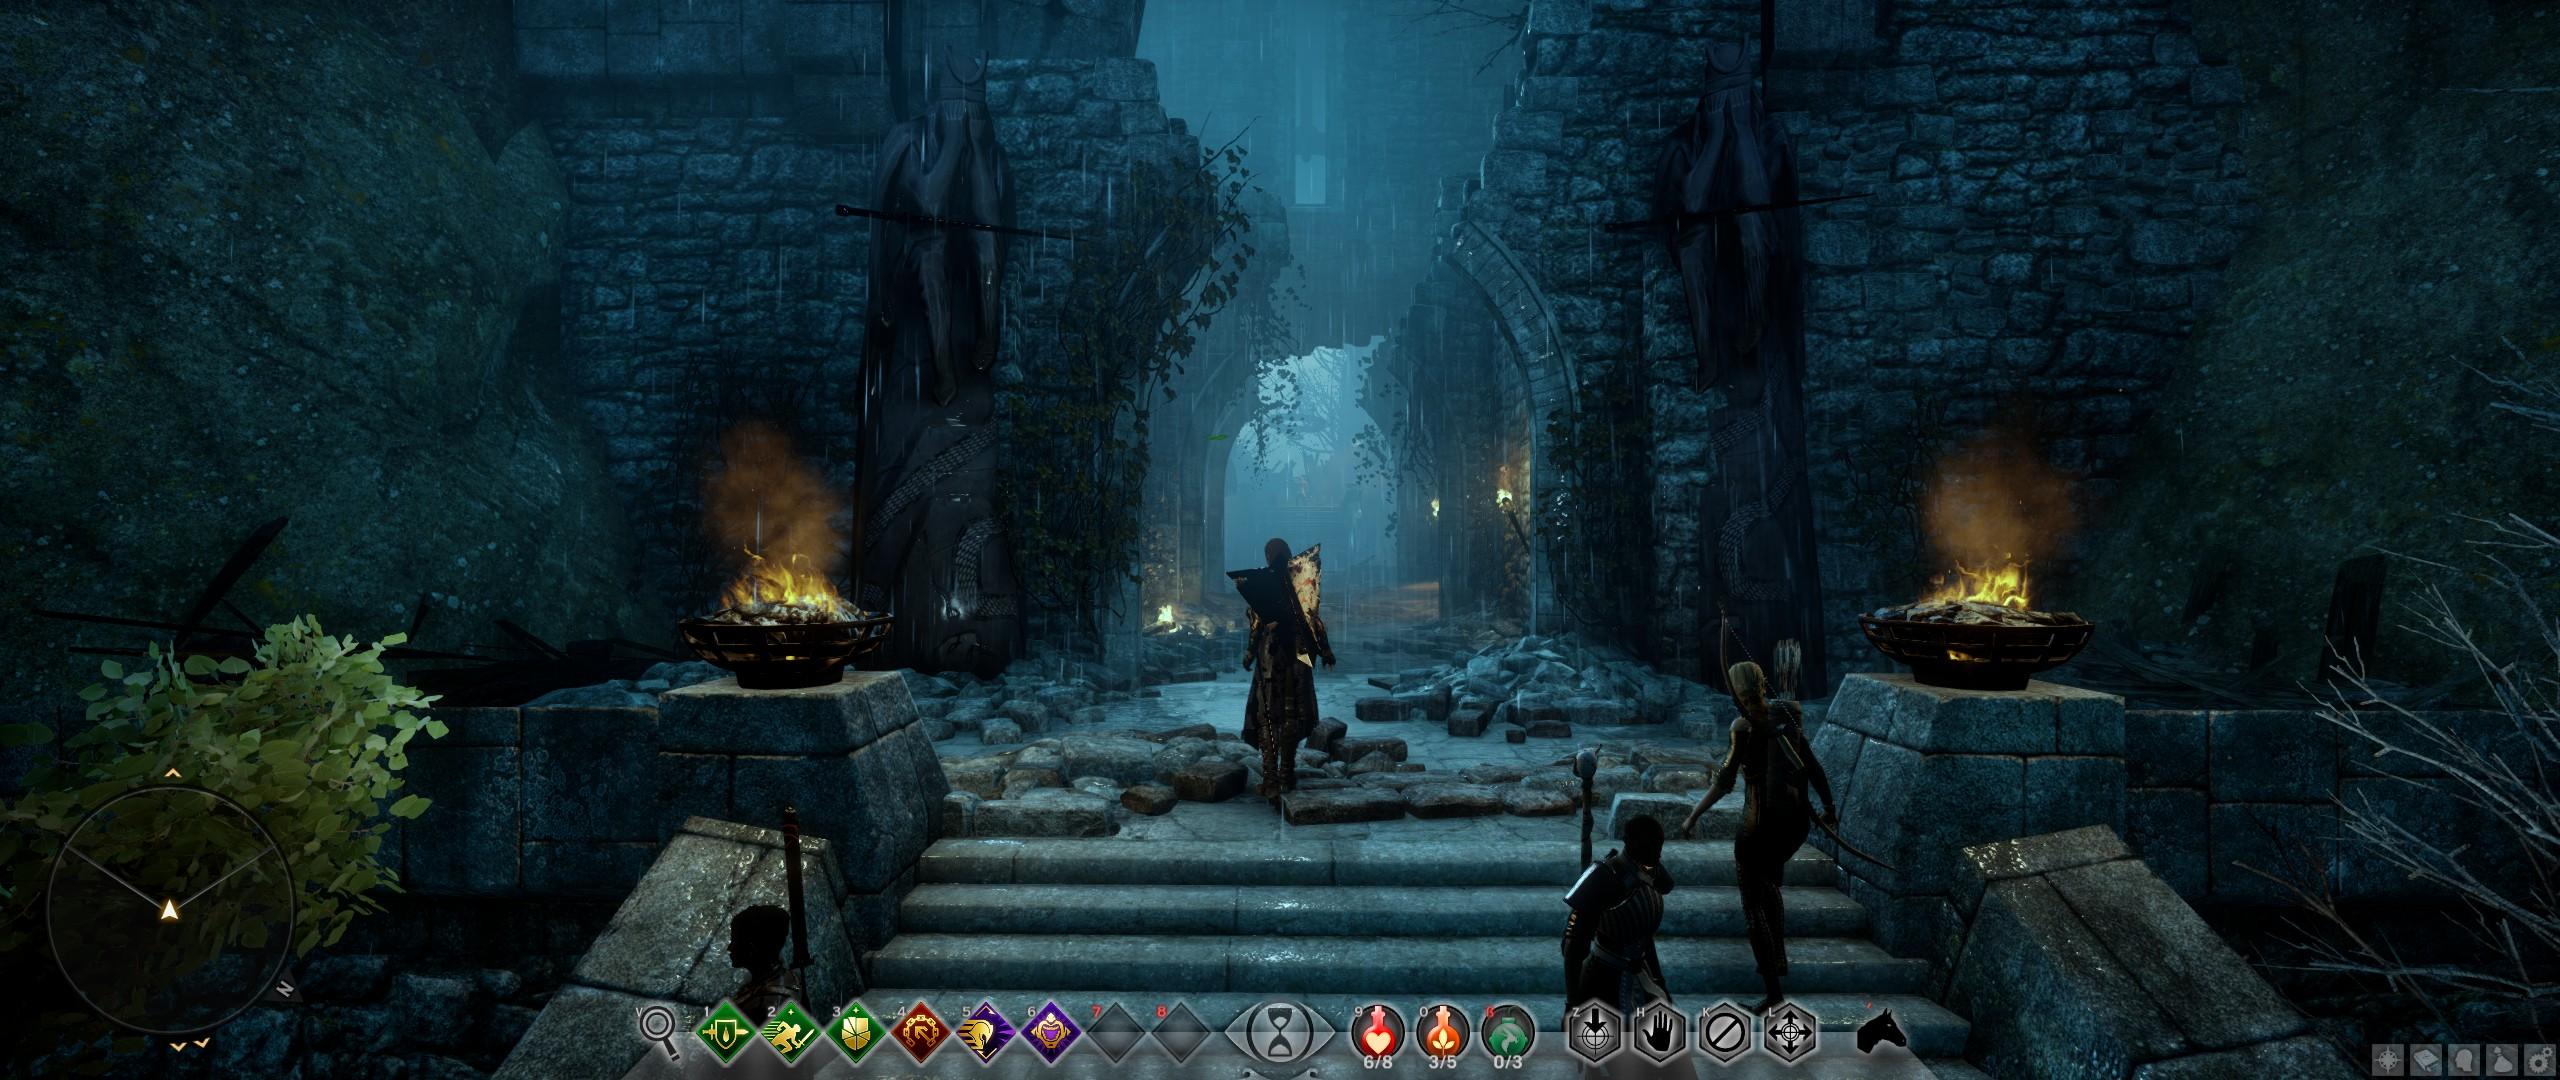 ScreenshotWin32_0046_Final